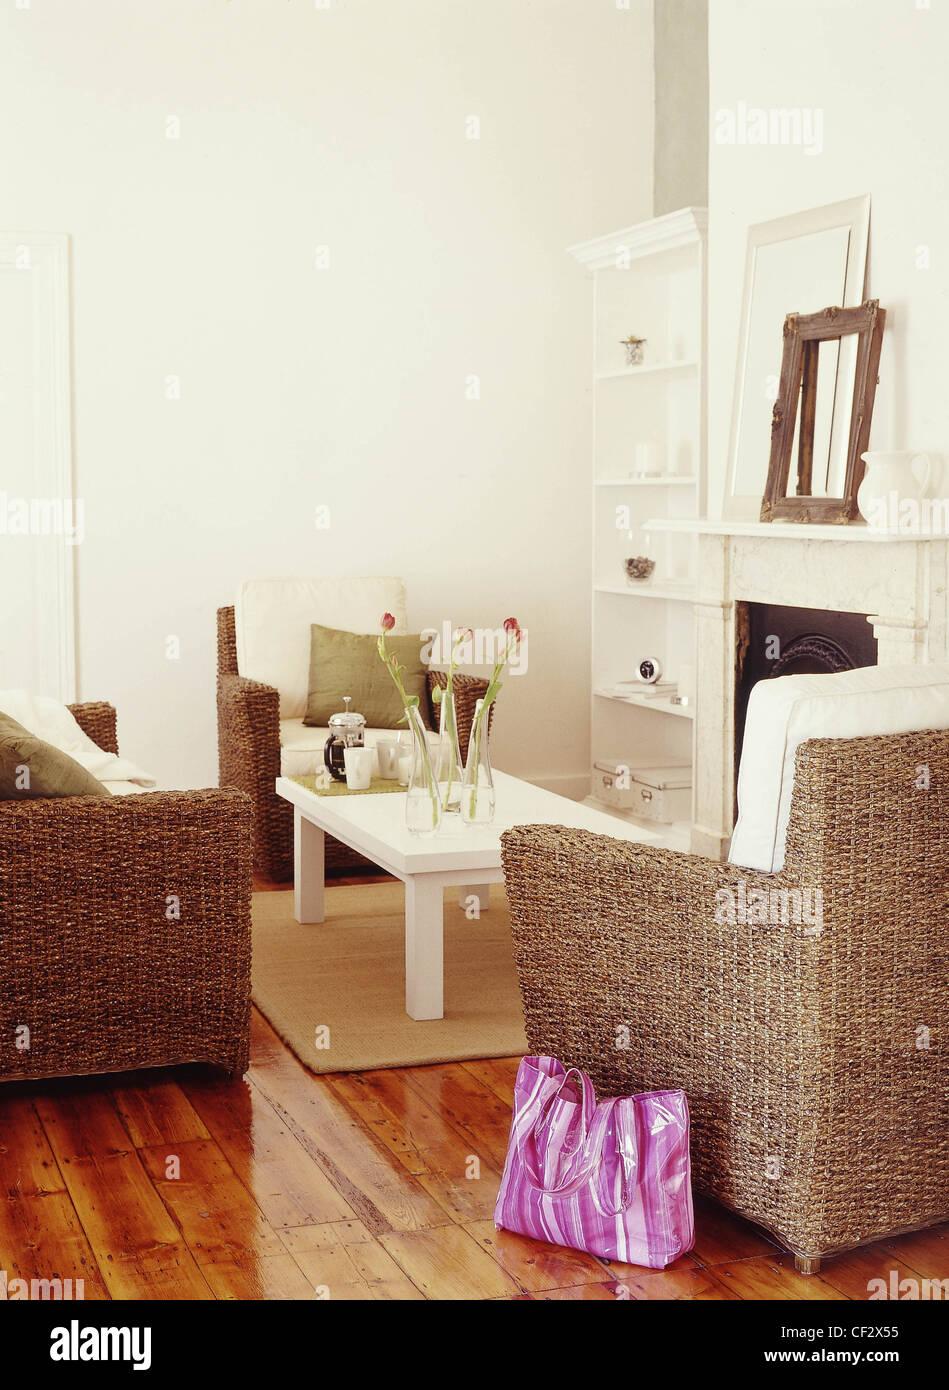 Salon Makeover Wohnzimmer weiße Wände und lackierte Holzböden ...